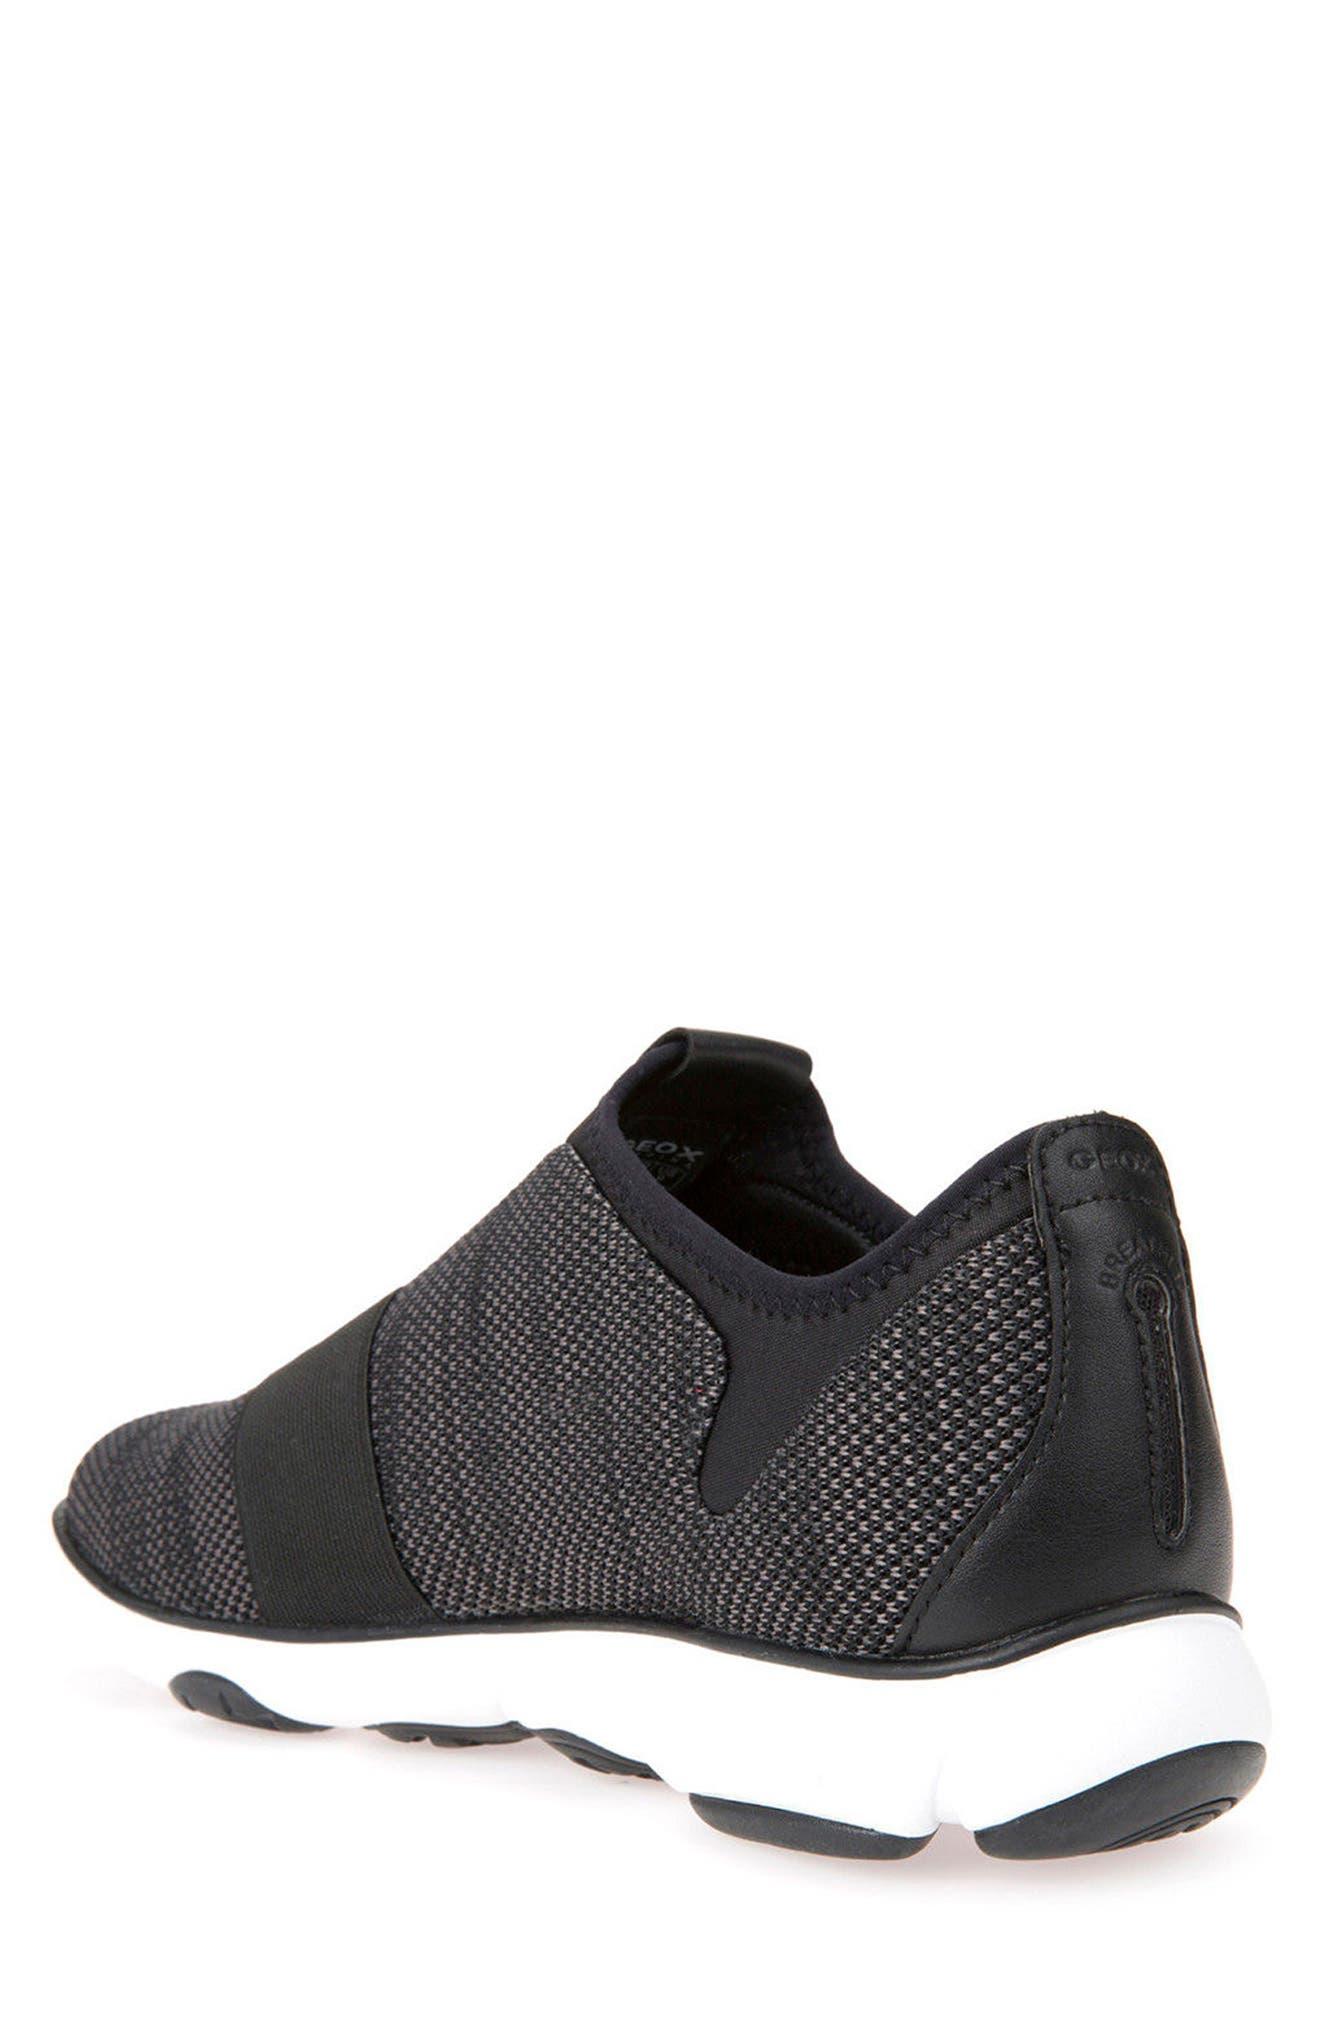 GEOX, Nebula 45 Banded Slip-On Sneaker, Alternate thumbnail 2, color, BLACK